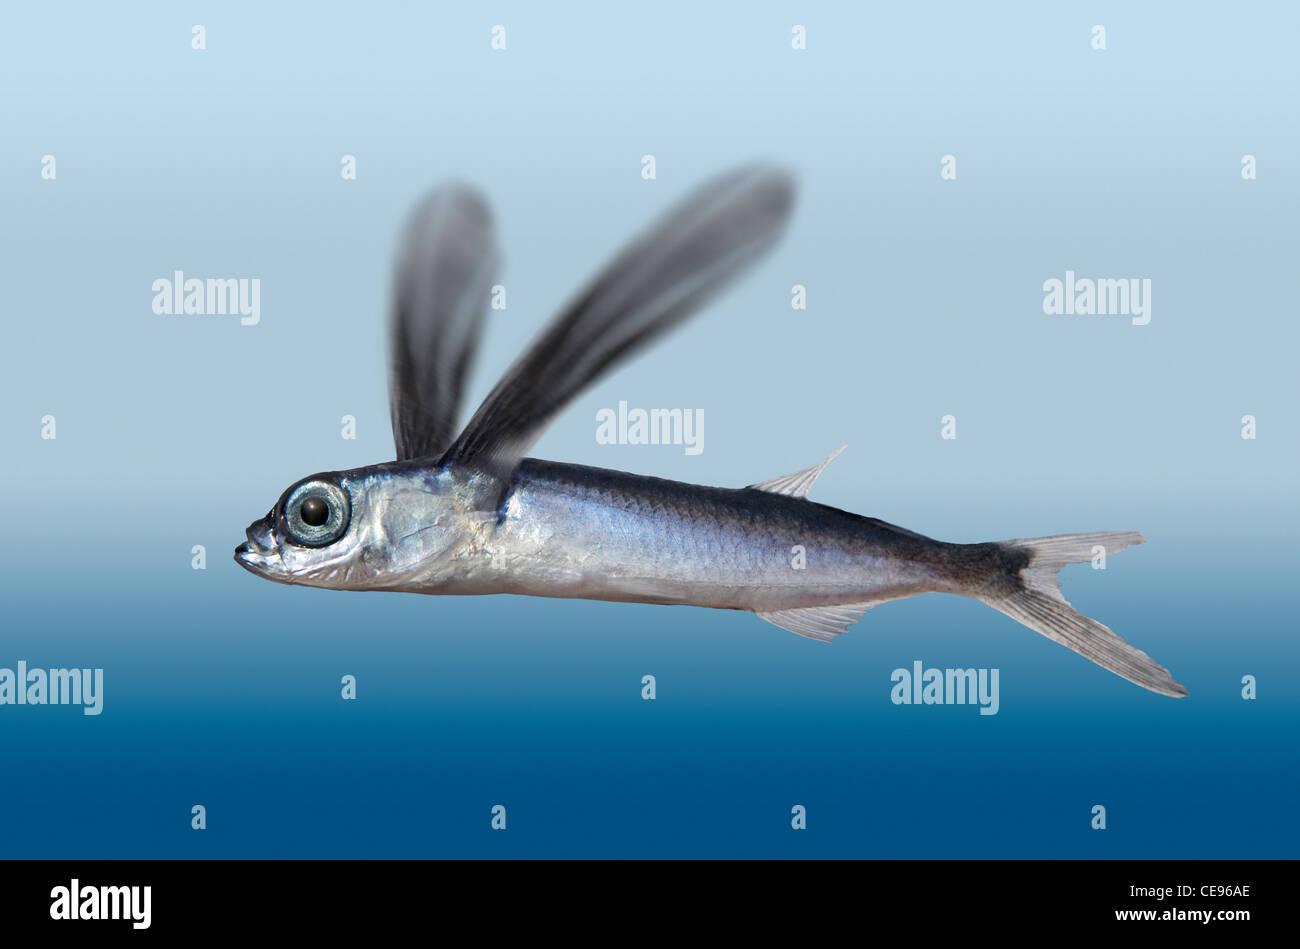 Flying Fish Stock Photo